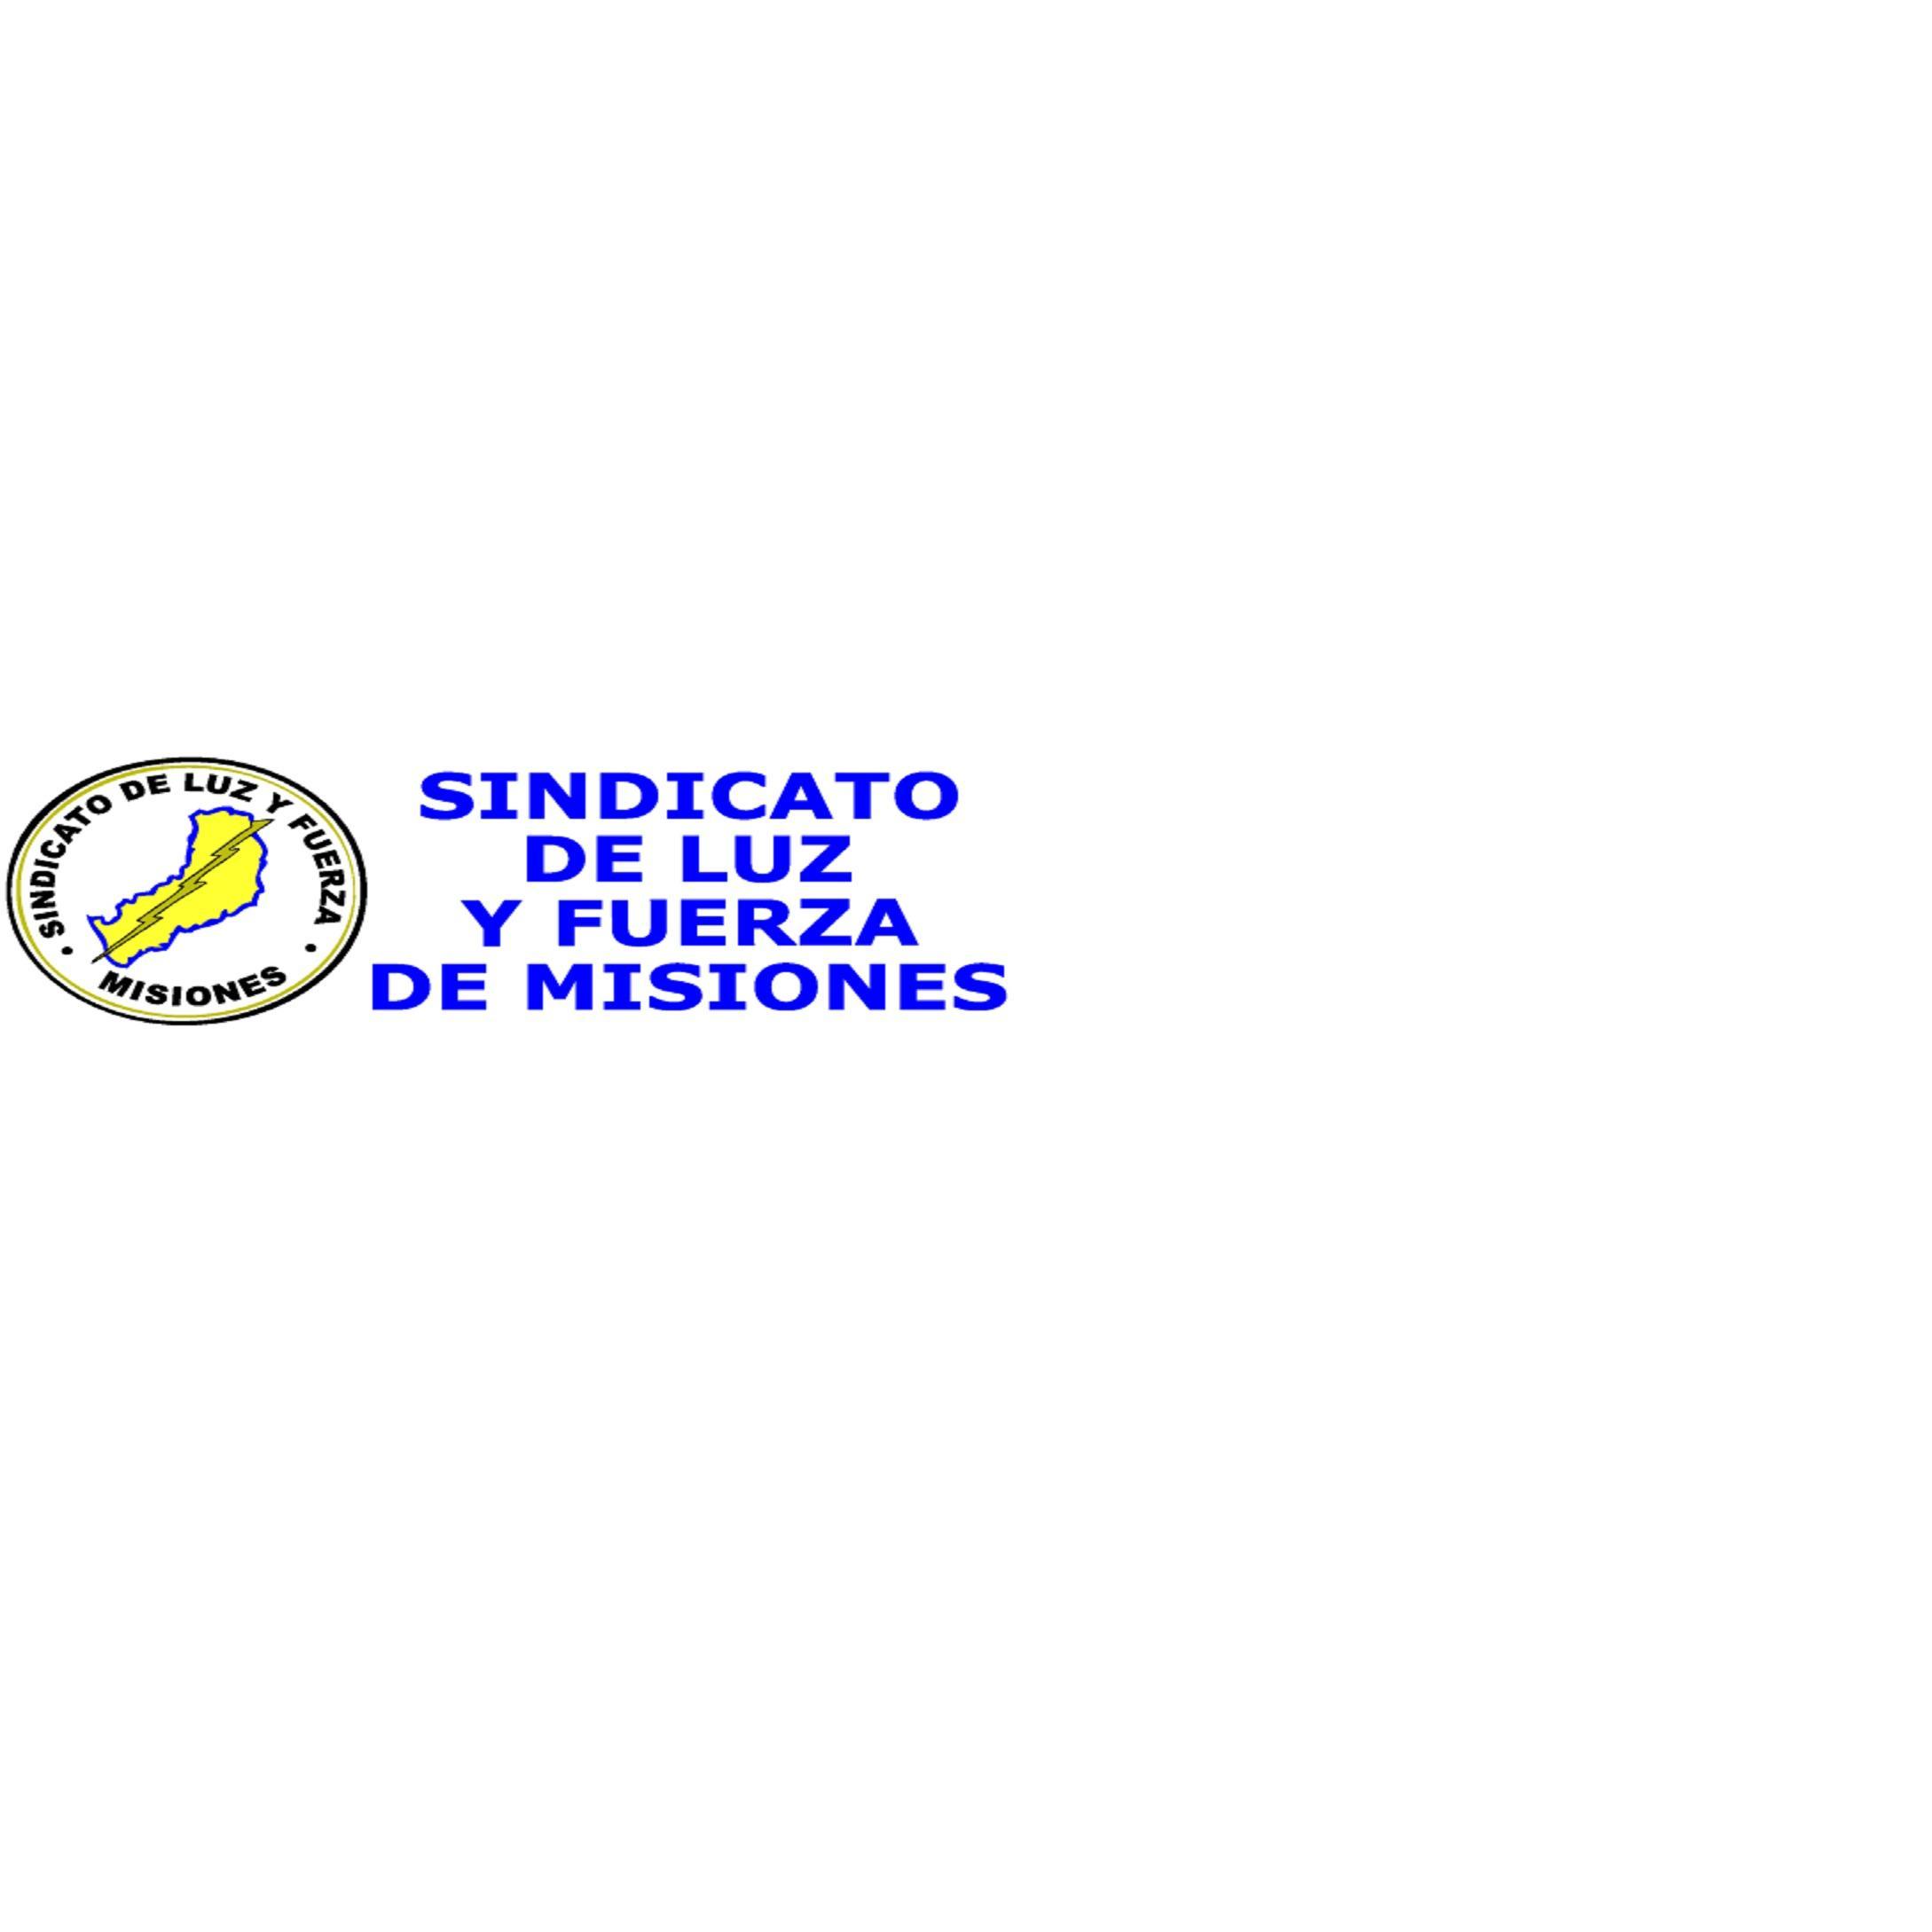 SINDICATO DE LUZ Y FUERZA DE MISIONES